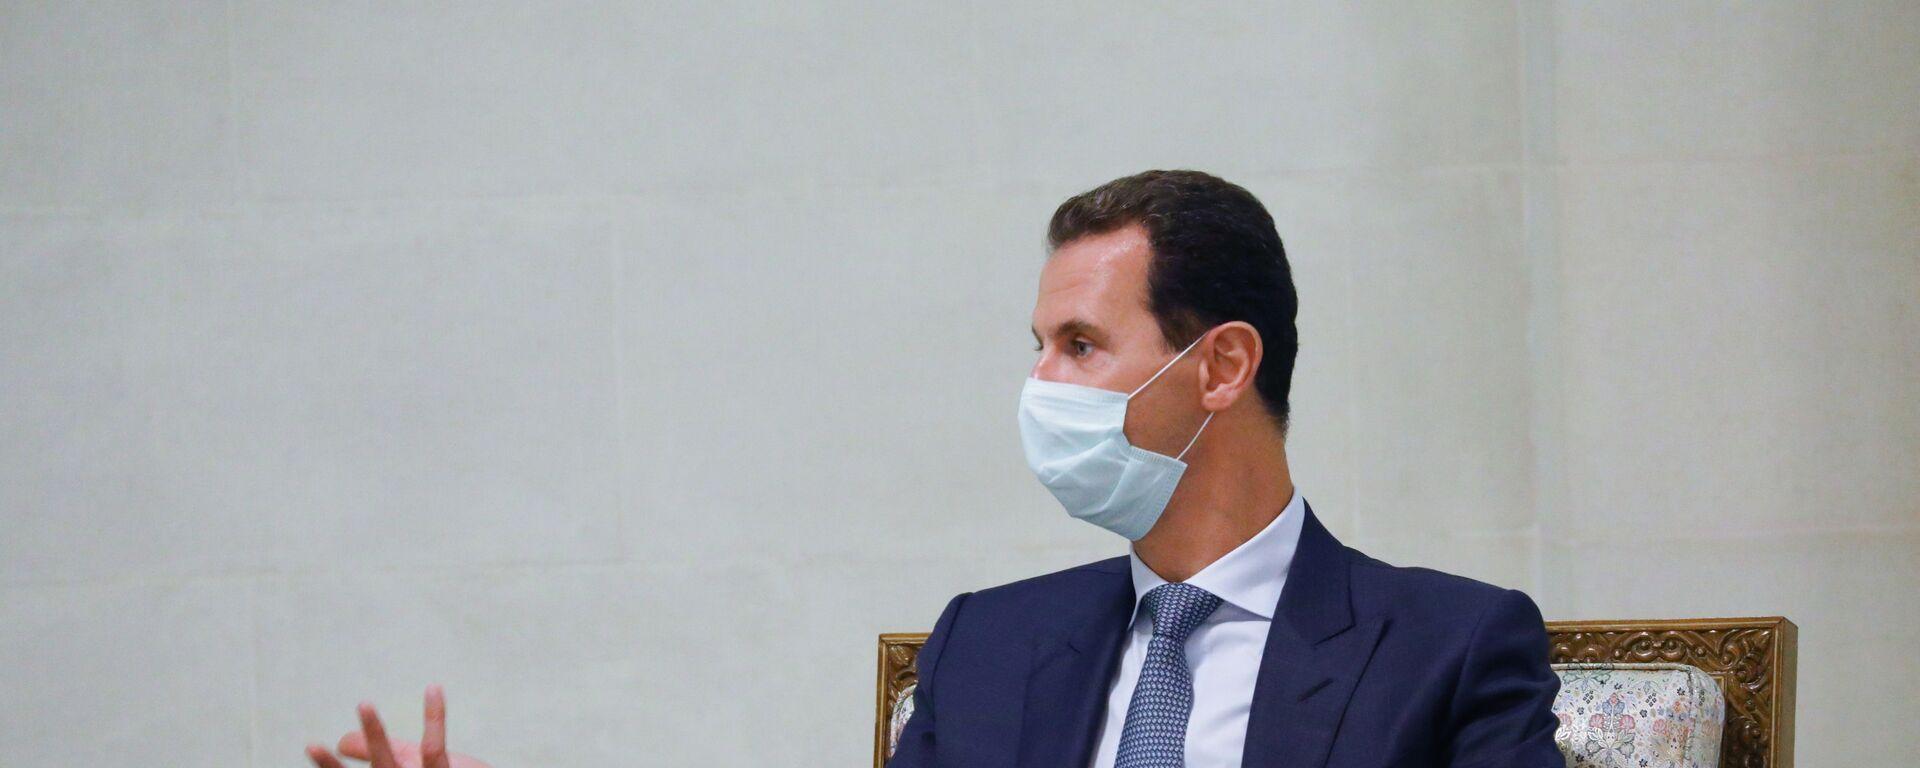 Syrský prezident Bašár Asad - Sputnik Česká republika, 1920, 03.06.2021